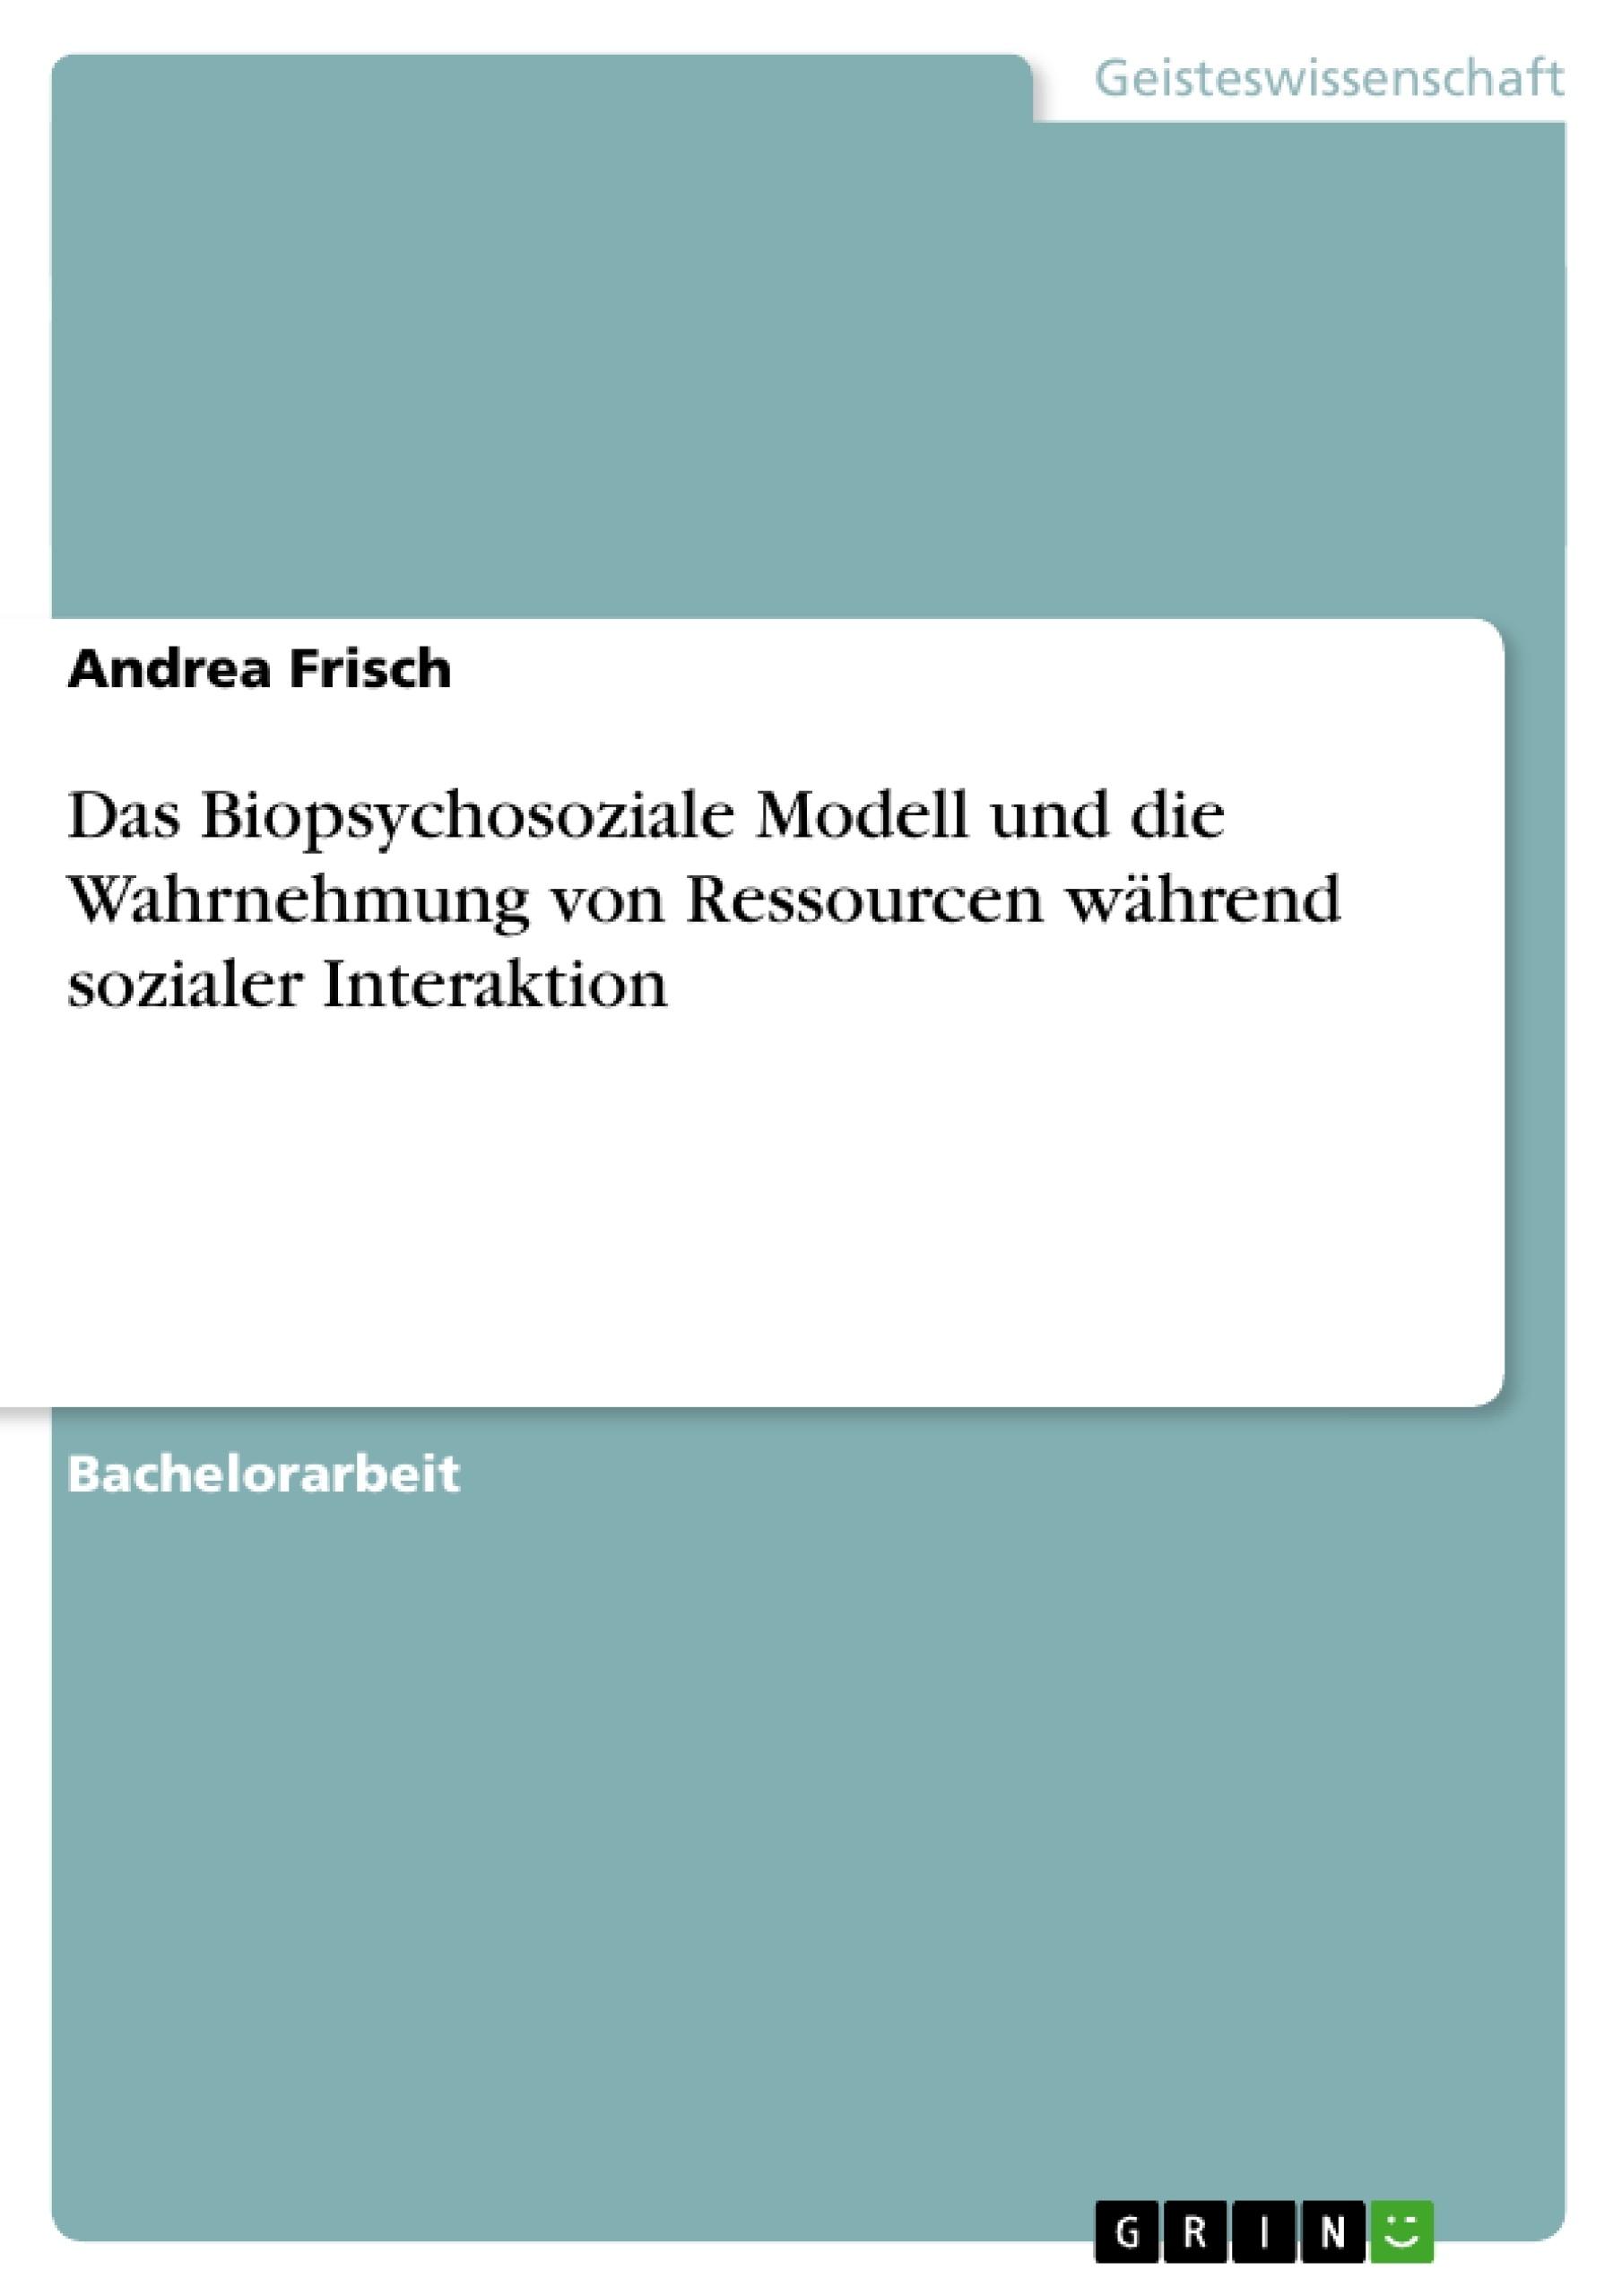 Titel: Das Biopsychosoziale Modell und die Wahrnehmung von Ressourcen während sozialer Interaktion